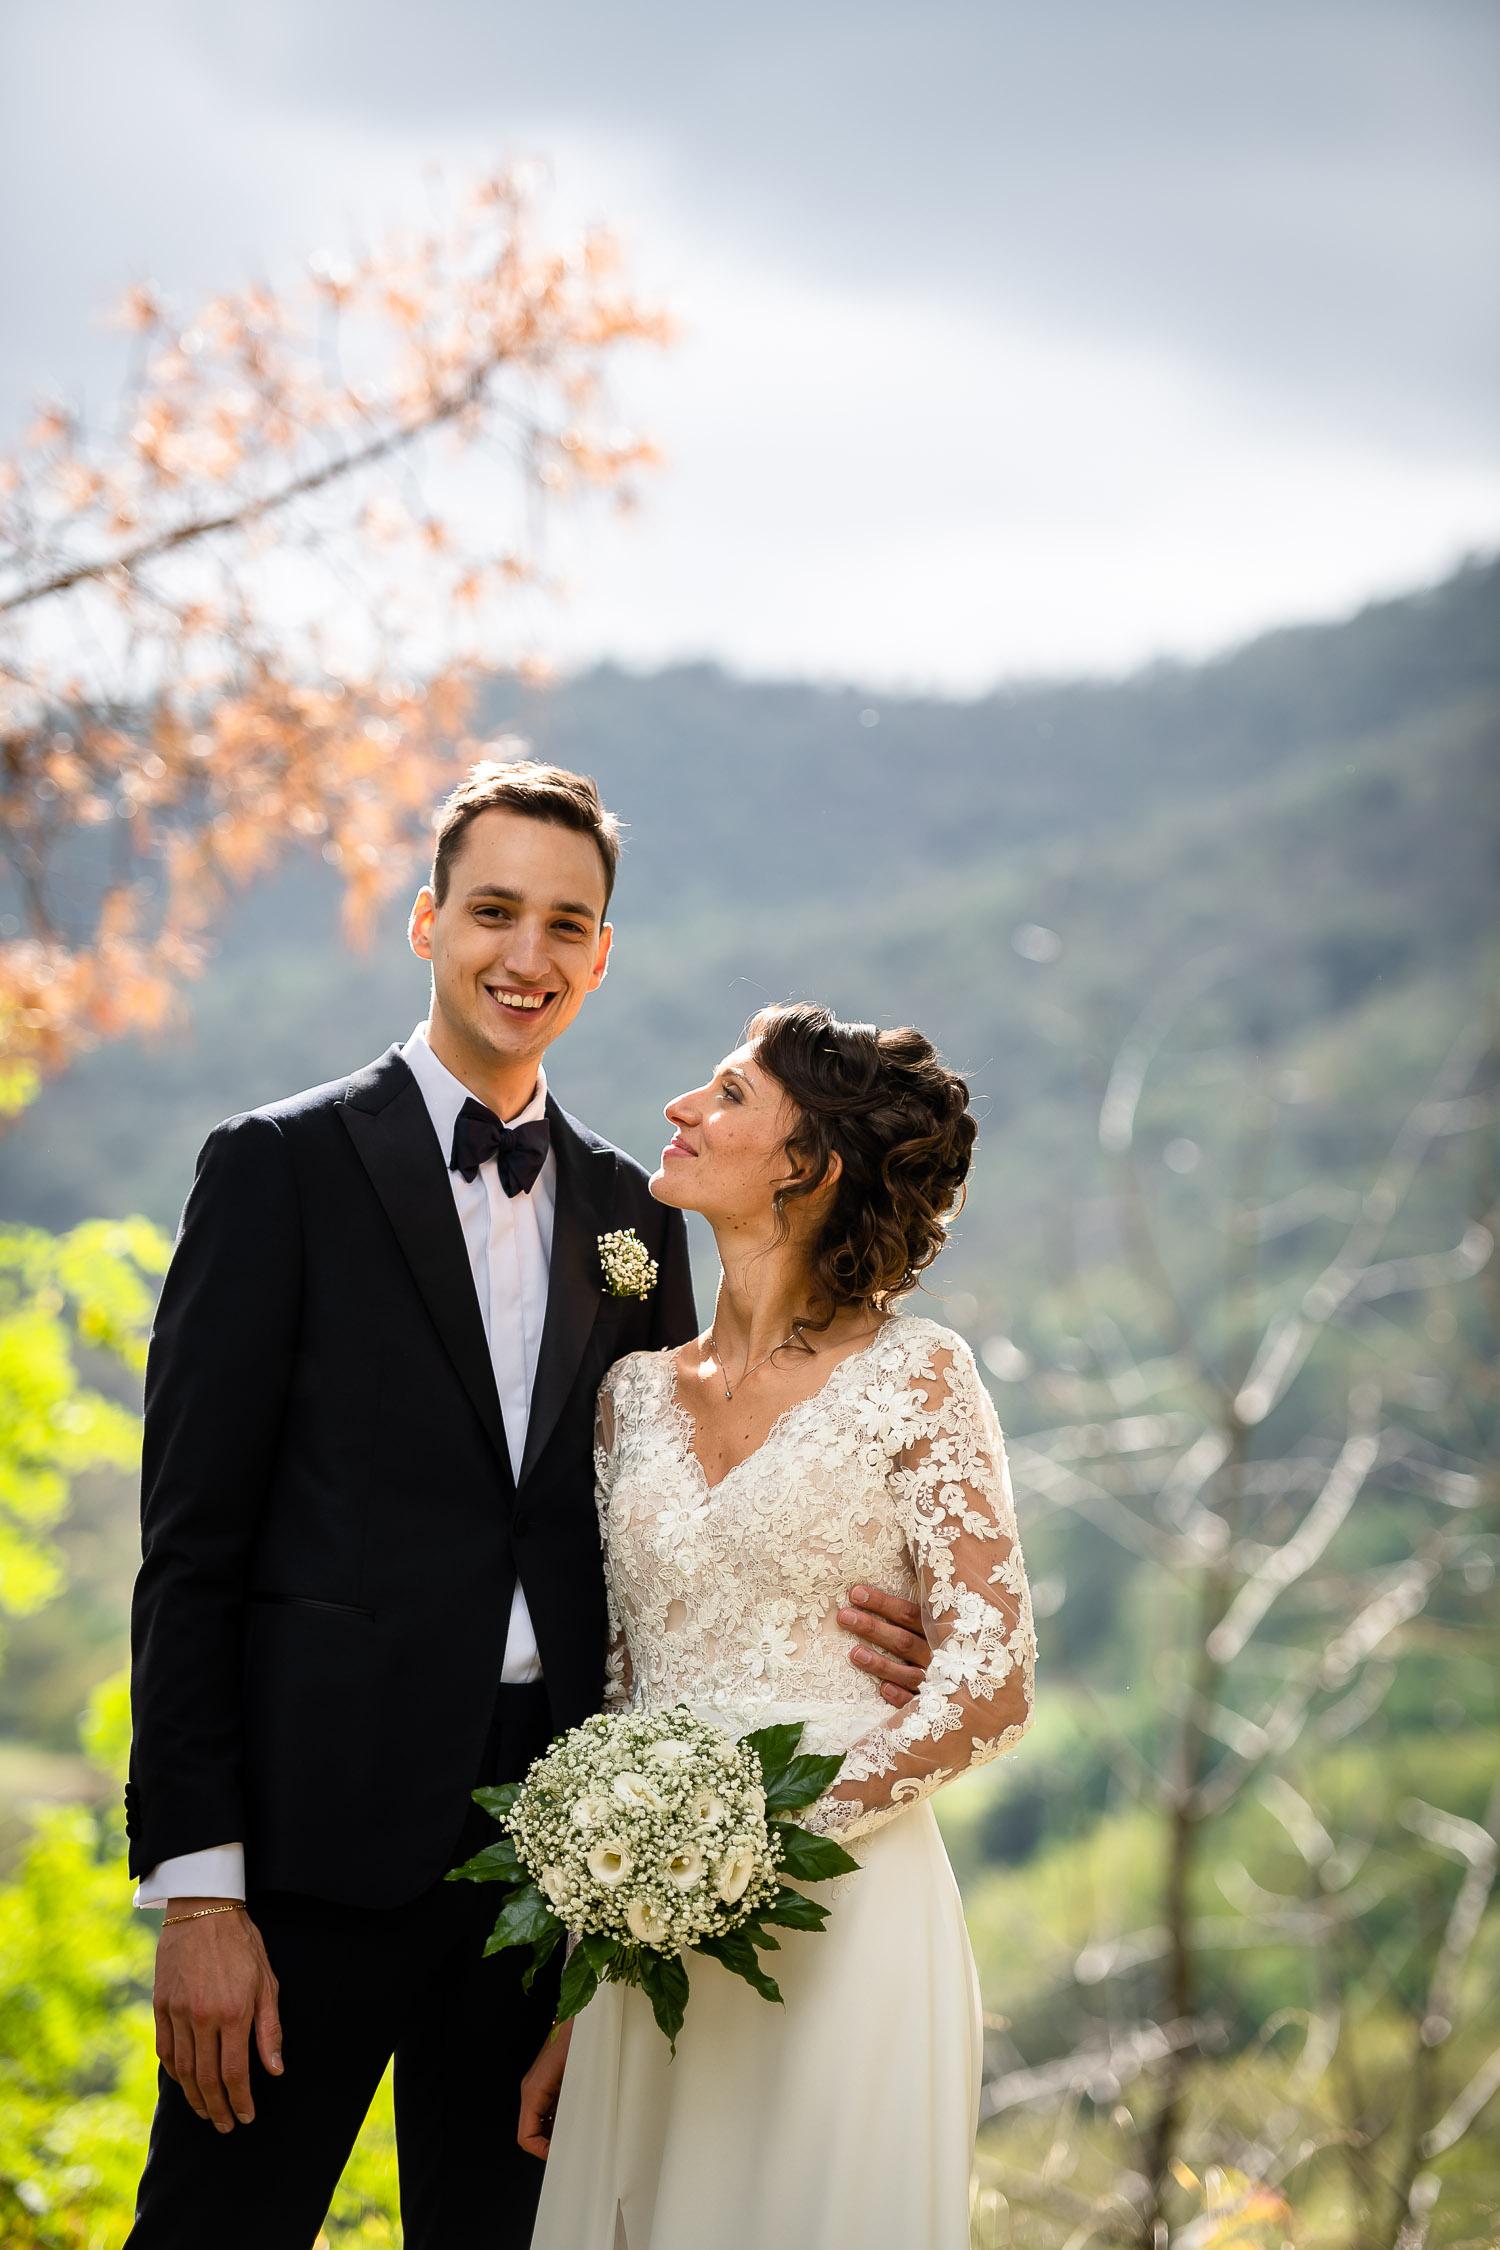 Matrimonio-romantico-in-piemonte-Cumiana-Paolo-Mantovan-fotografia-0117